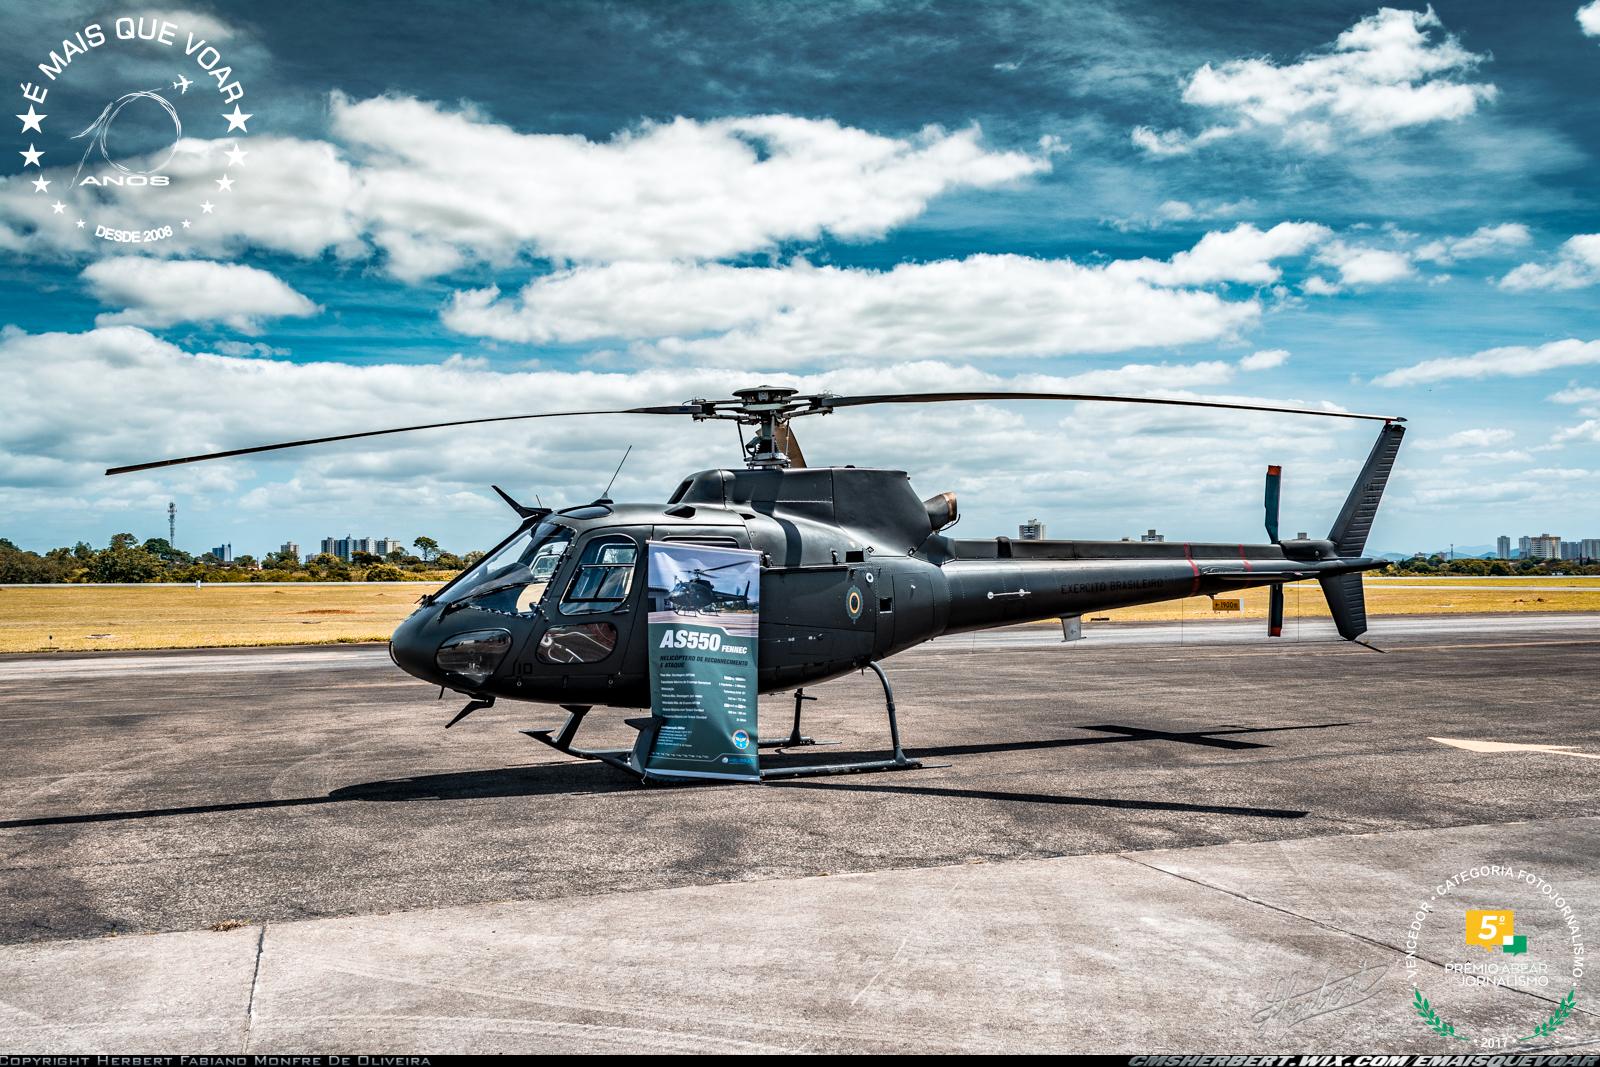 Exército Brasileiro recebeu o 25º helicóptero Fennec | Foto © Herbert Monfre - Contrate o fotografo via e-mail em: cmsherbert@hotmail.com |  É MAIS QUE VOAR